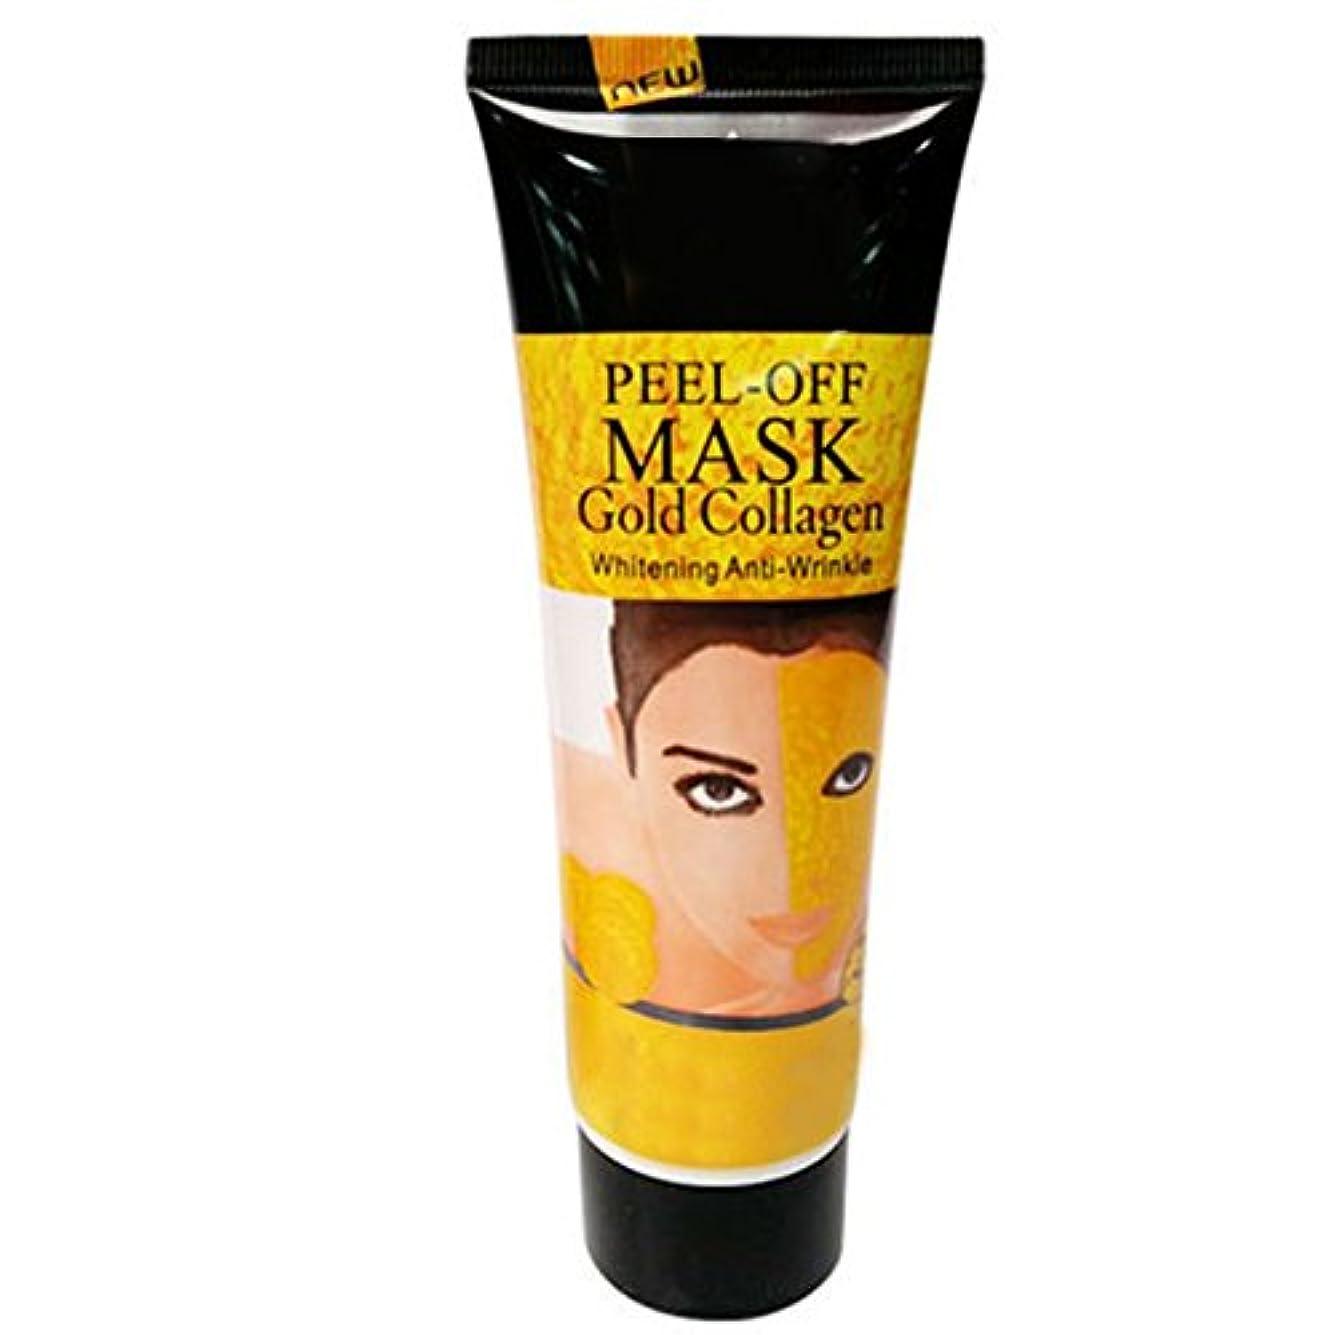 余韻委員会カリングFunwill 24Kゴールドマスク ゴールドコラーゲンパック アンチエイジングパック スキンケアマスク しわ、黒ずみ、しみなどを除き たるみ肌改善 くすみ改善 しっかりしている肌に戻る